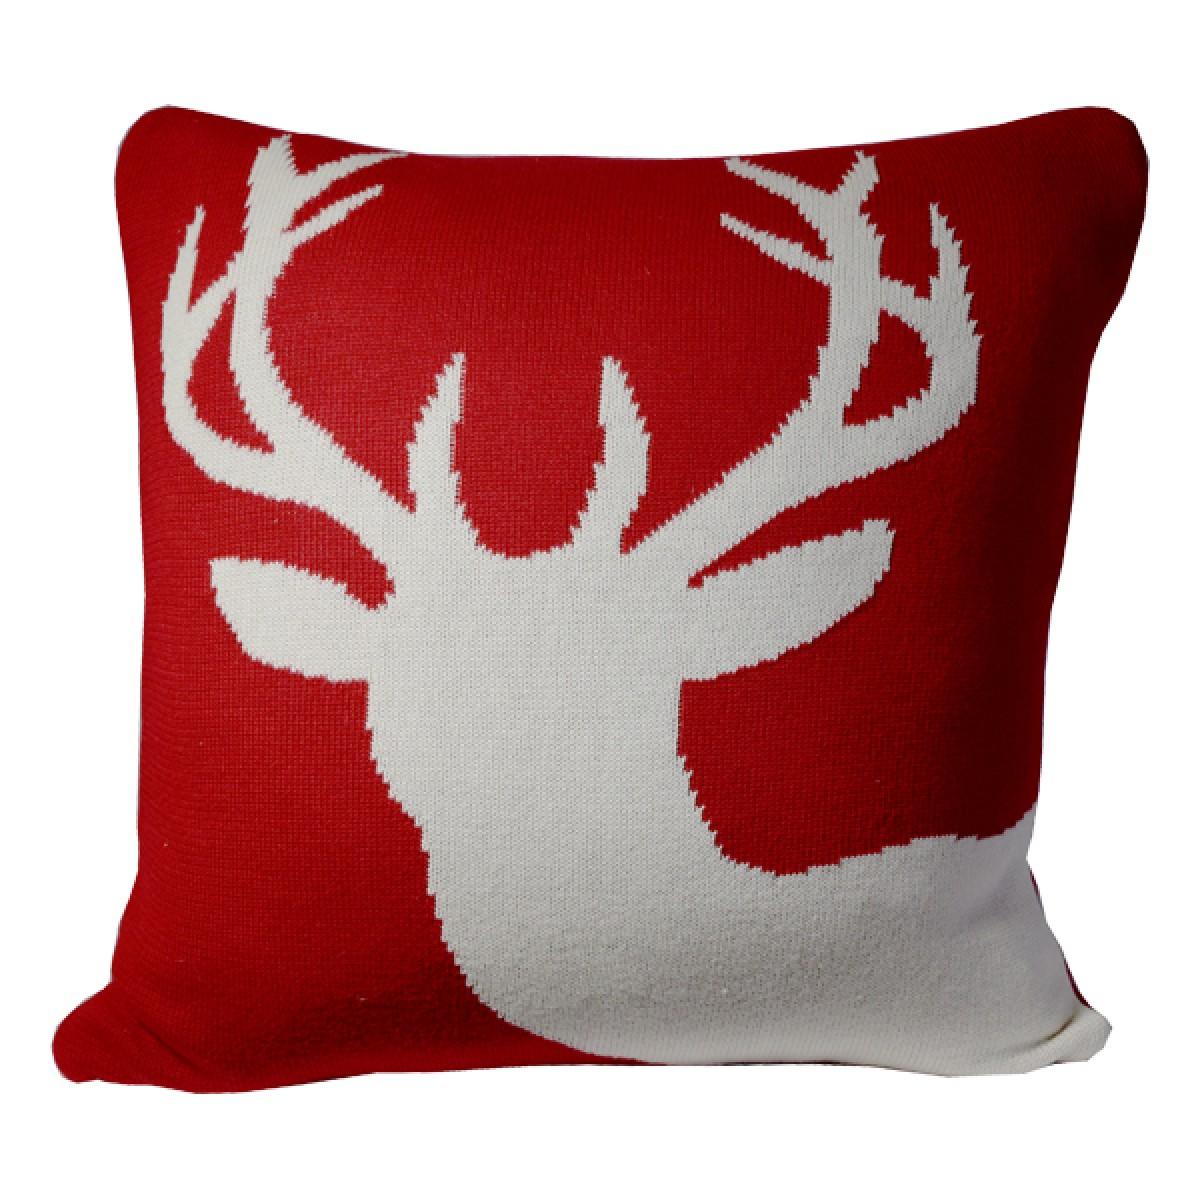 White Face Deer cheap decorative pillows cute throw pillows Deer decorative pillows